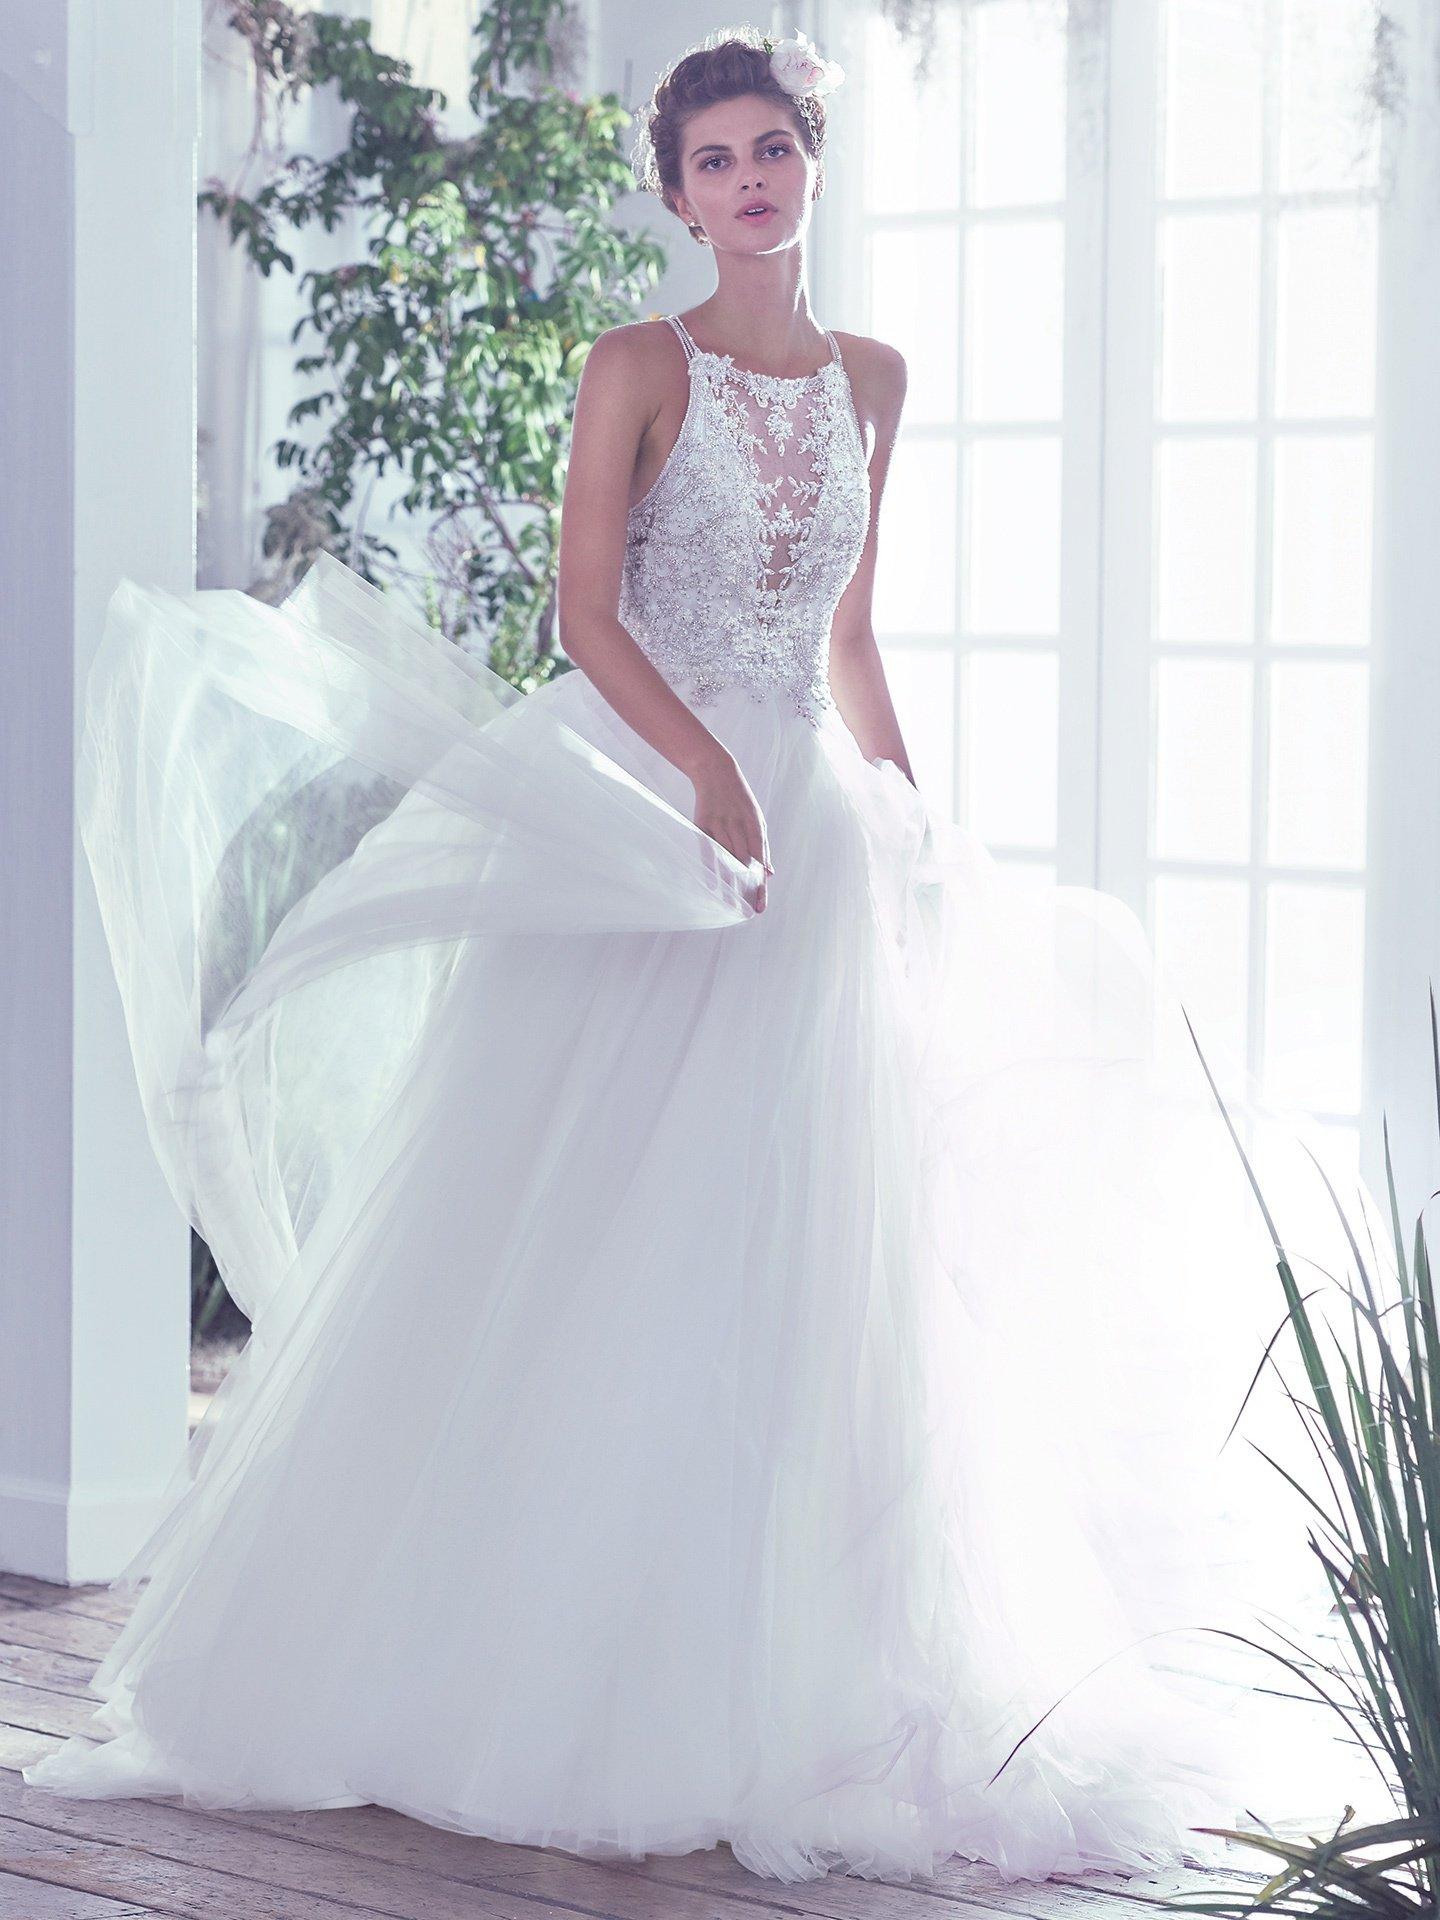 Fancy Wedding Dresses Missoula Mt Frieze - All Wedding Dresses ...